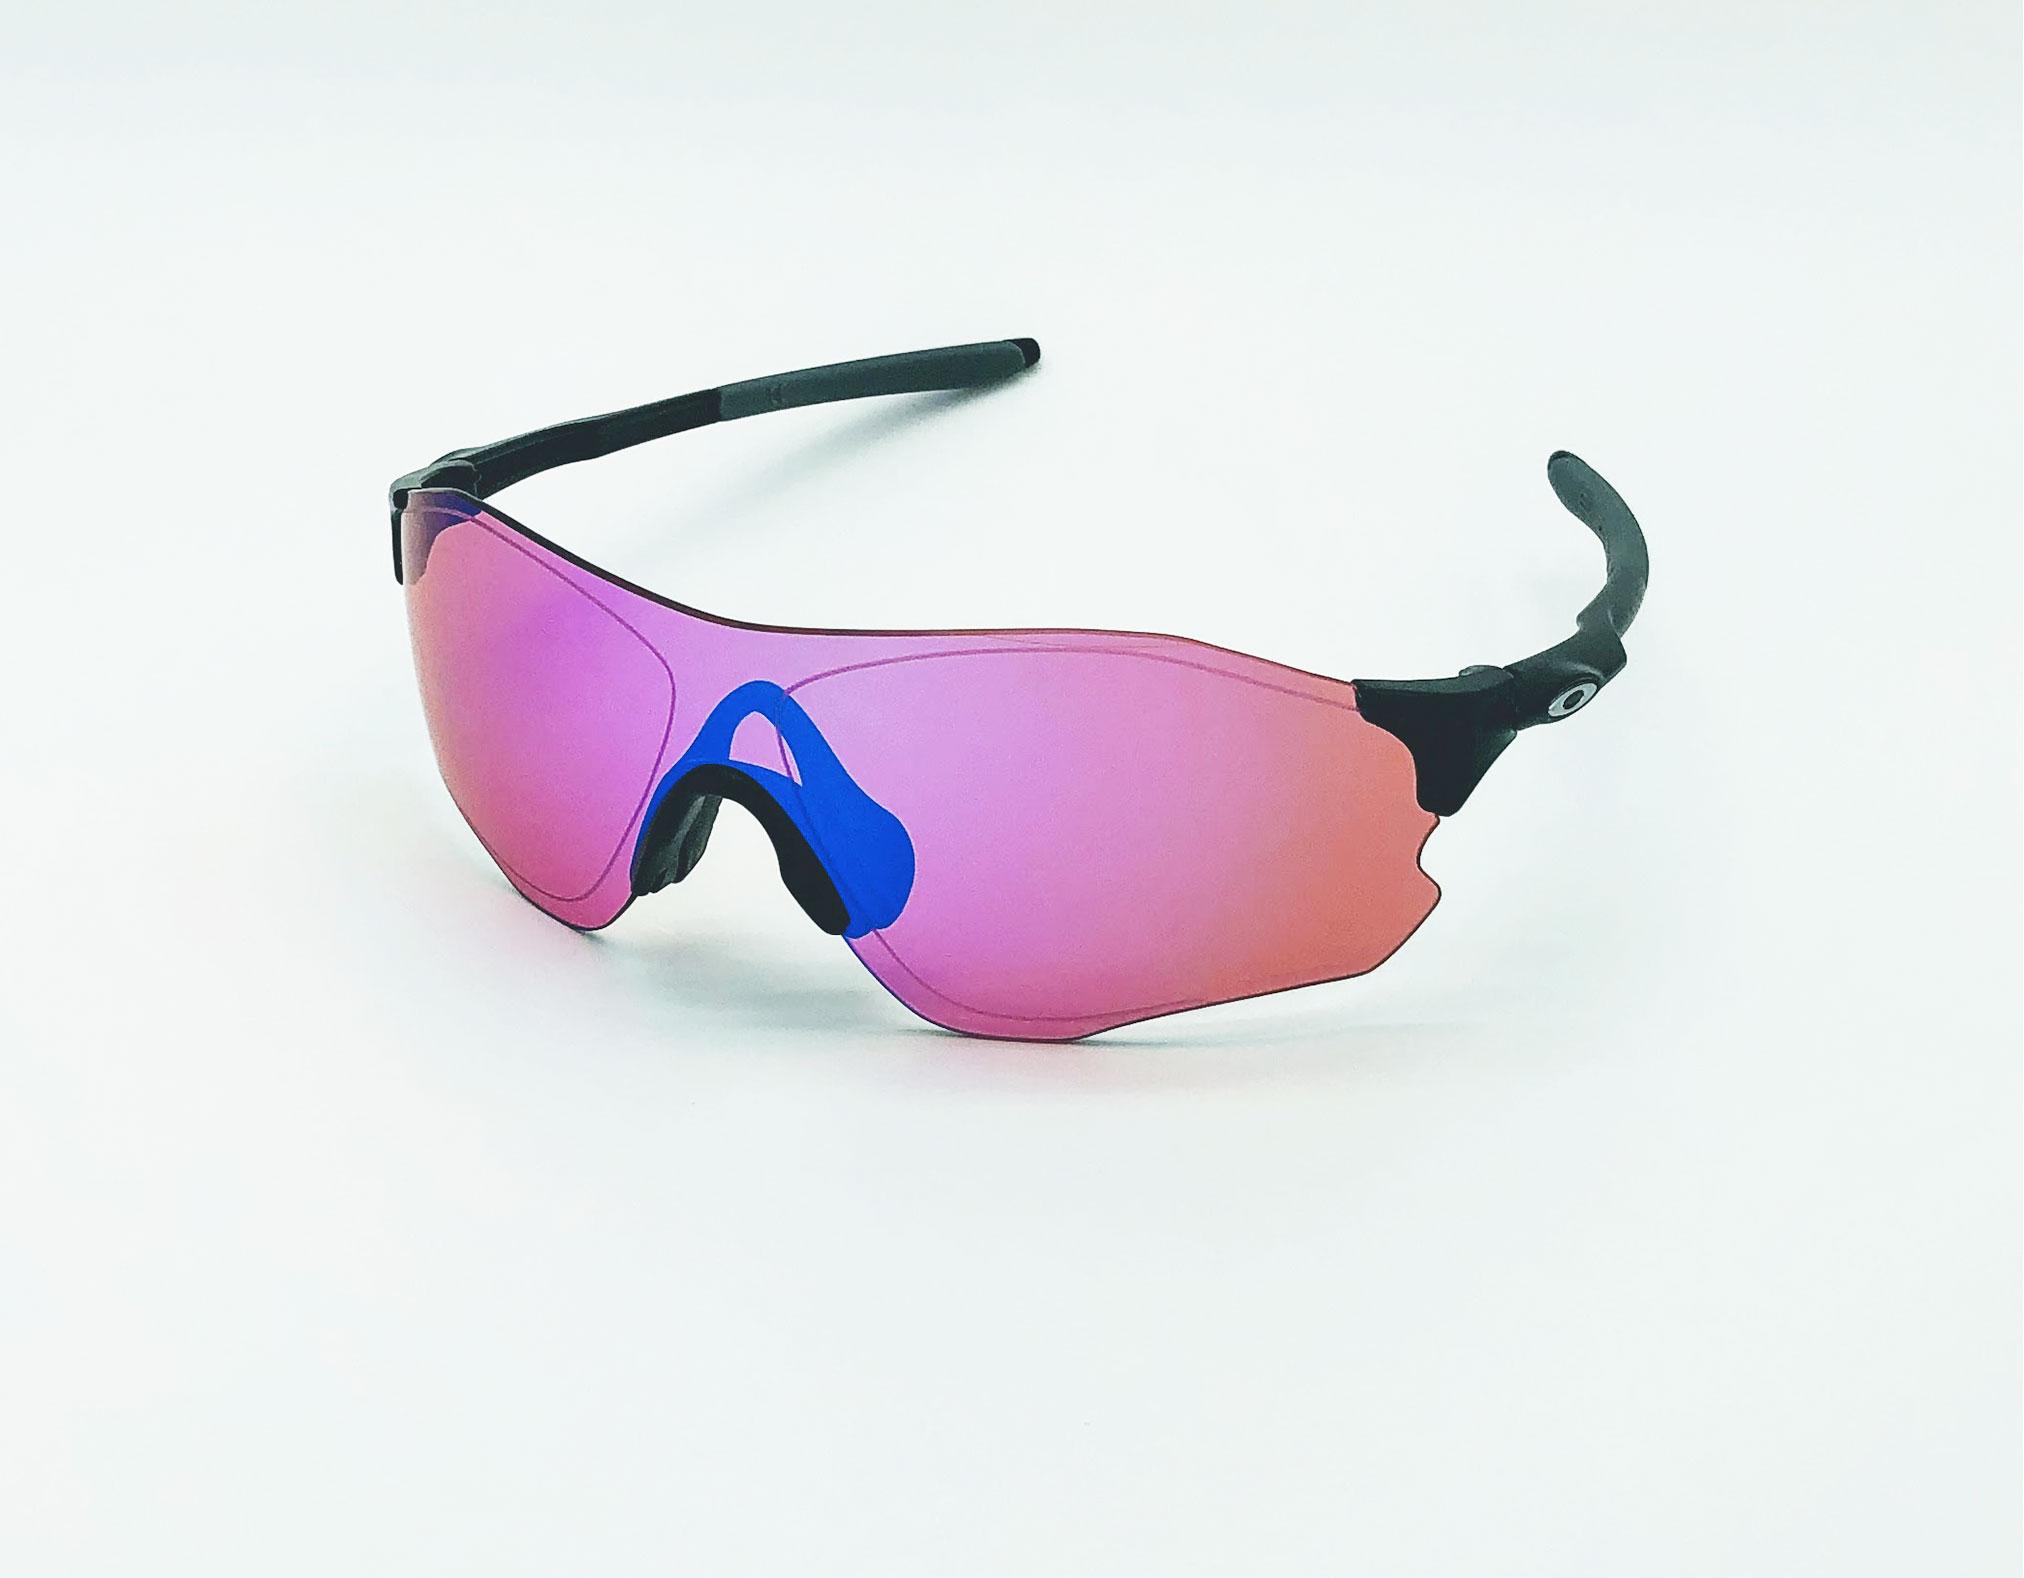 Ulleres de sol Oakley 2020 Matte Black 930817 Natural Optics Optica l'Esguard Amposta